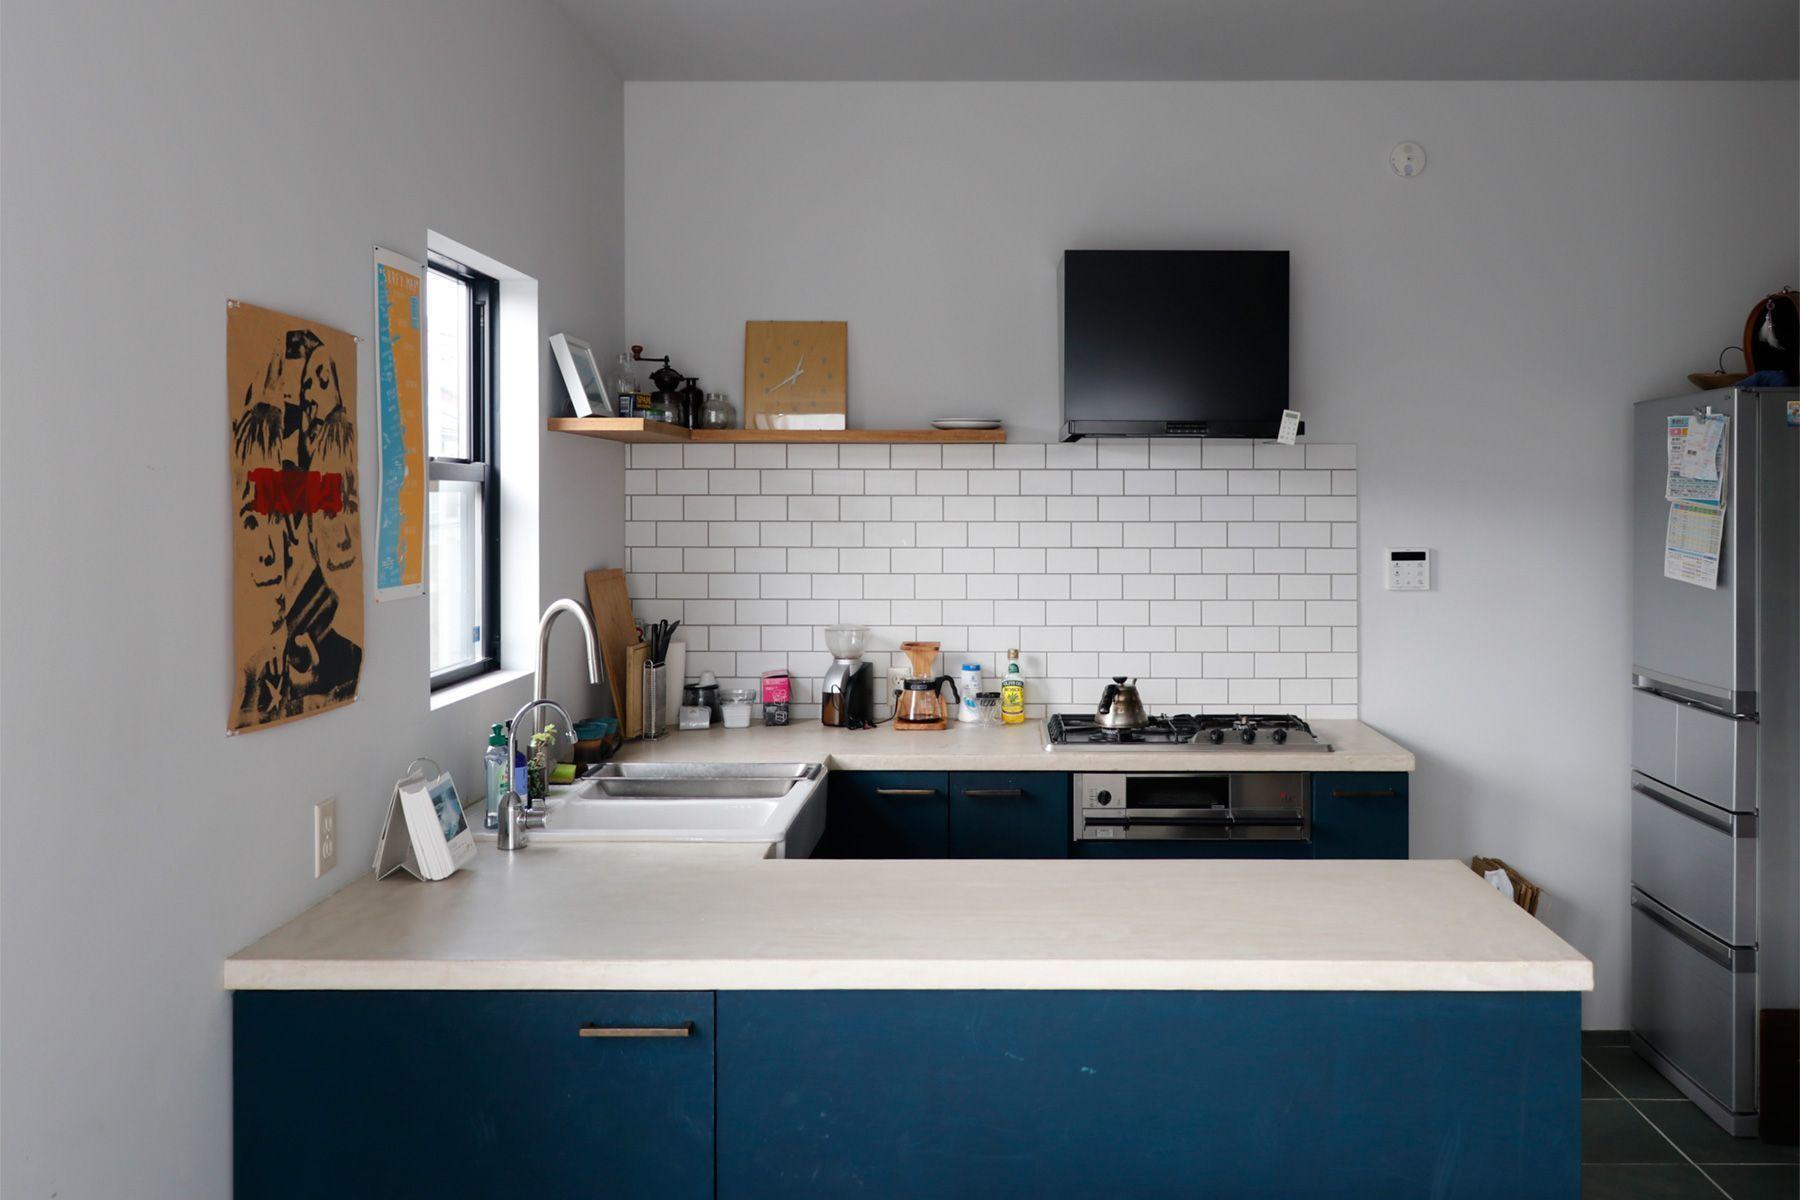 「鎌倉高校前駅」の高台にあるシンプルアメリカンハウススタジオ。キッチン付き。(Simple American Surf House) の写真0